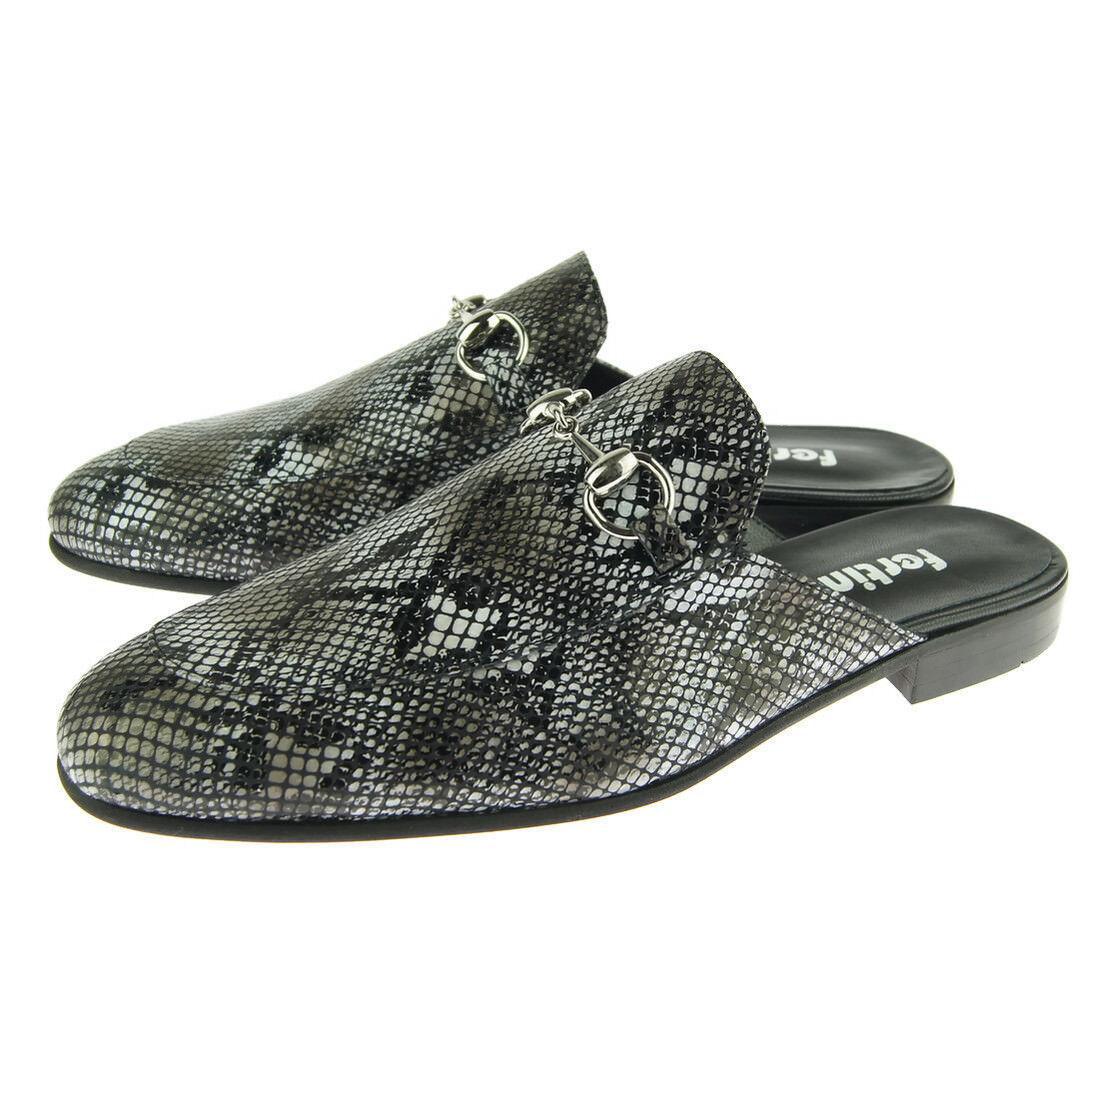 Fertini 91 Bit Schnalle Slip,Herren Schuhe, Geschlossene Zehen Sandalen,